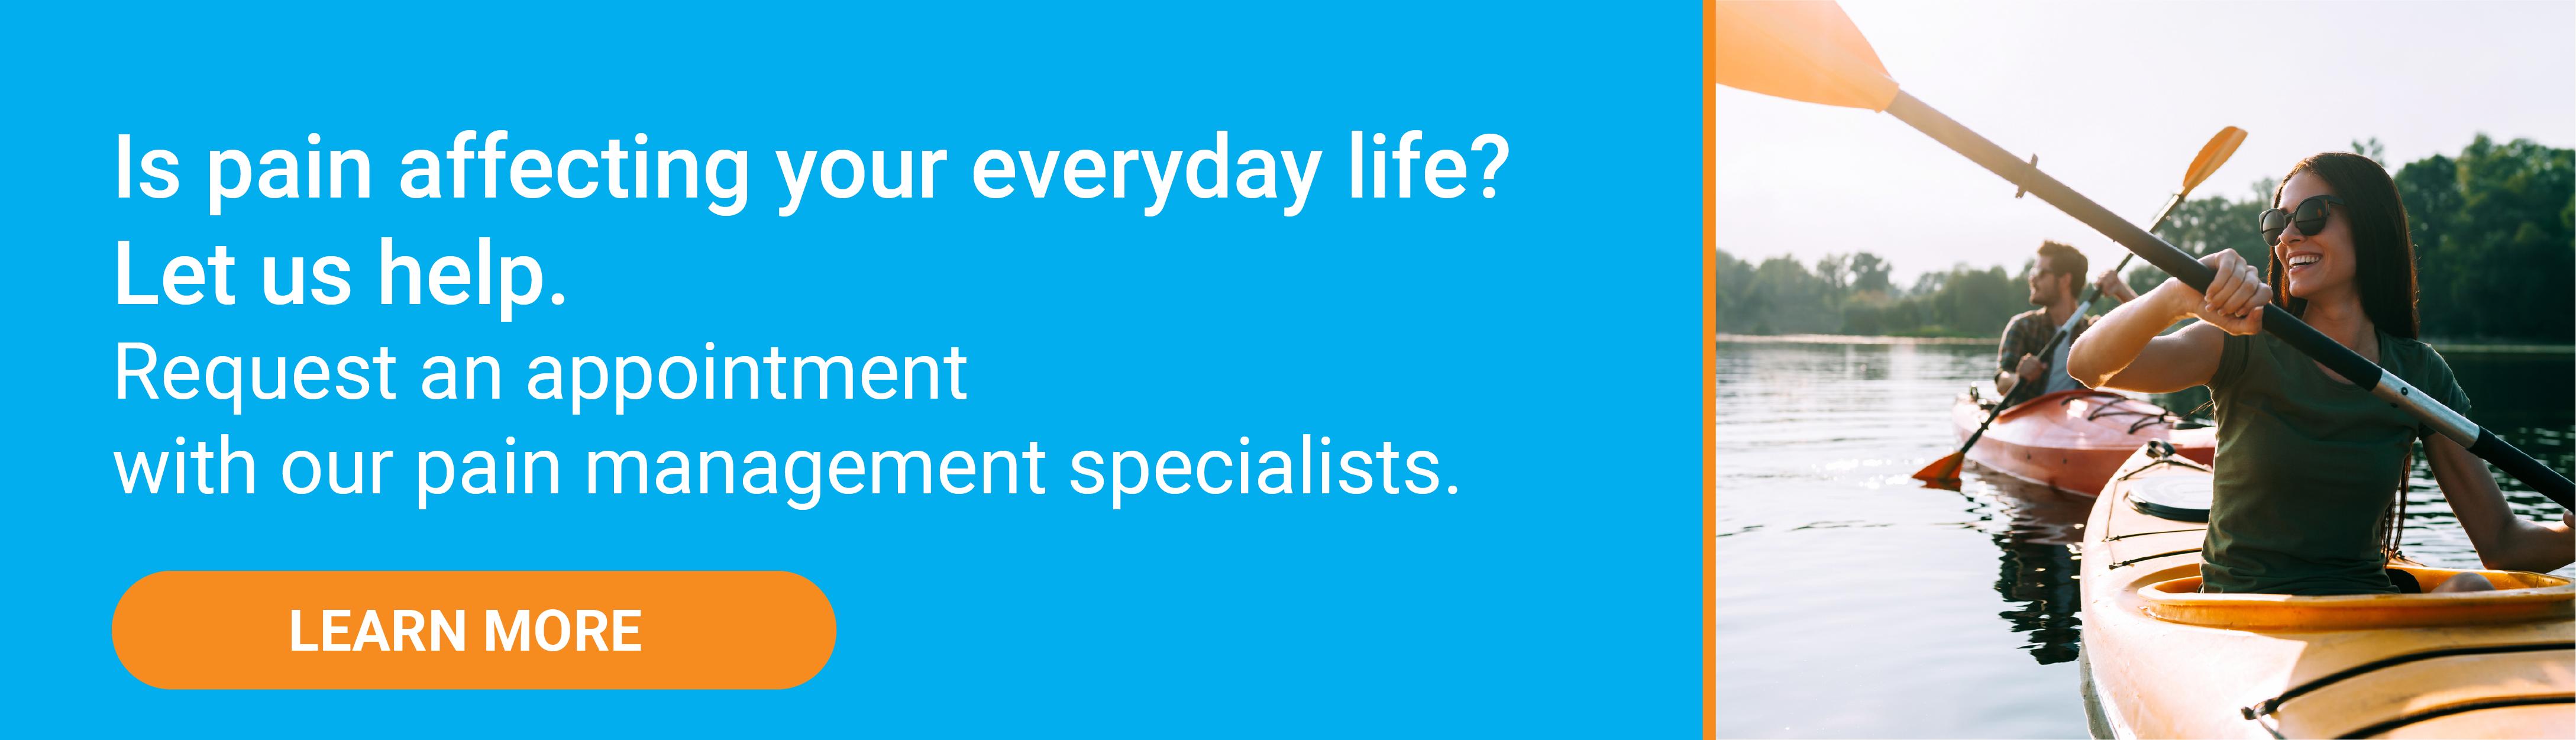 DISC Pain management specialists